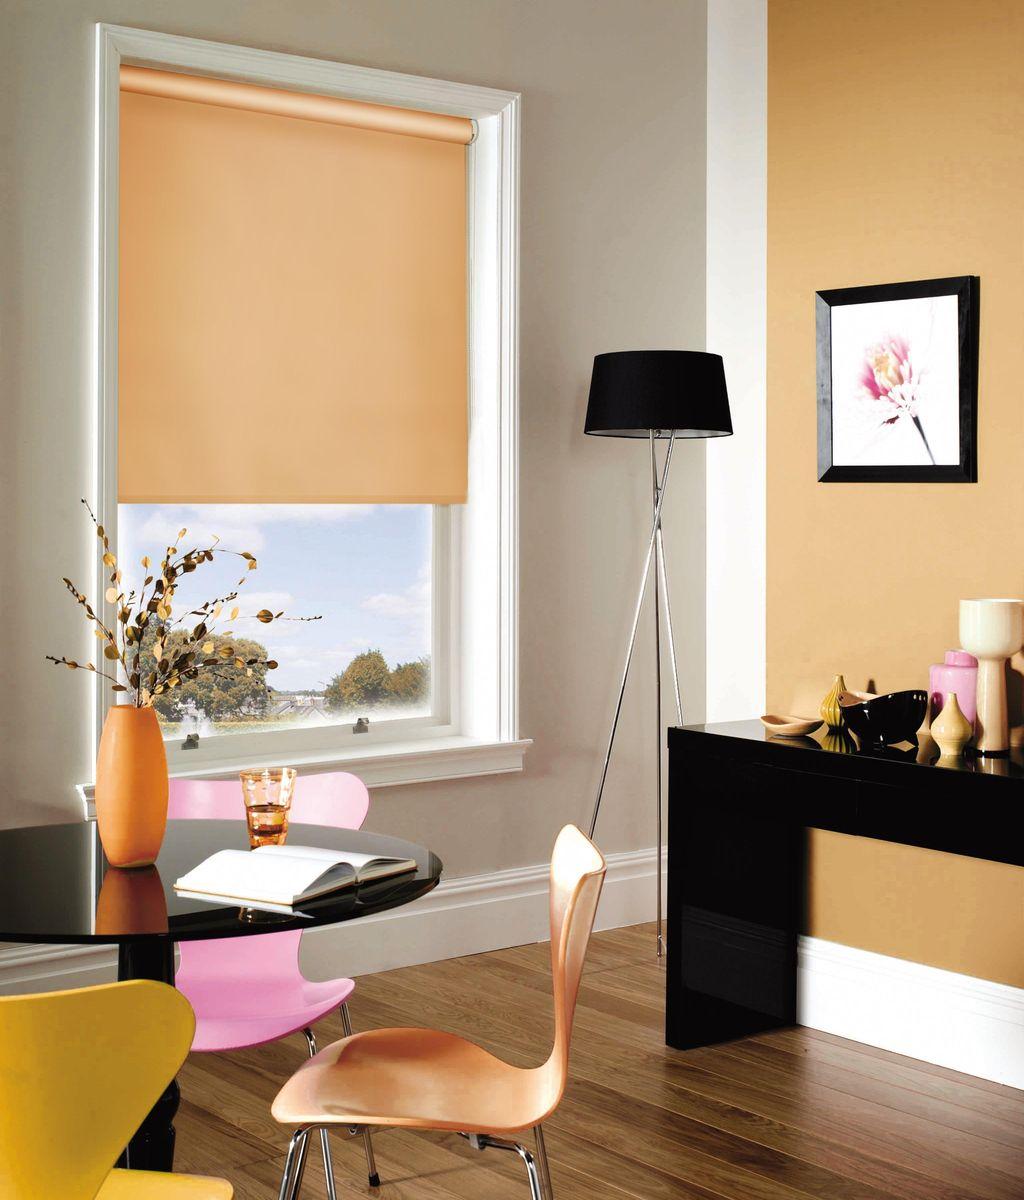 Штора рулонная Эскар, цвет: абрикосовый, ширина 160 см, высота 170 см81012160170Рулонными шторами можно оформлять окна как самостоятельно, так и использовать в комбинации с портьерами. Это поможет предотвратить выгорание дорогой ткани на солнце и соединит функционал рулонных с красотой навесных.Преимущества применения рулонных штор для пластиковых окон:- имеют прекрасный внешний вид: многообразие и фактурность материала изделия отлично смотрятся в любом интерьере; - многофункциональны: есть возможность подобрать шторы способные эффективно защитить комнату от солнца, при этом о на не будет слишком темной. - Есть возможность осуществить быстрый монтаж. ВНИМАНИЕ! Размеры ширины изделия указаны по ширине ткани!Во время эксплуатации не рекомендуется полностью разматывать рулон, чтобы не оторвать ткань от намоточного вала.В случае загрязнения поверхности ткани, чистку шторы проводят одним из способов, в зависимости от типа загрязнения: легкое поверхностное загрязнение можно удалить при помощи канцелярского ластика; чистка от пыли производится сухим методом при помощи пылесоса с мягкой щеткой-насадкой; для удаления пятна используйте мягкую губку с пенообразующим неагрессивным моющим средством или пятновыводитель на натуральной основе (нельзя применять растворители).